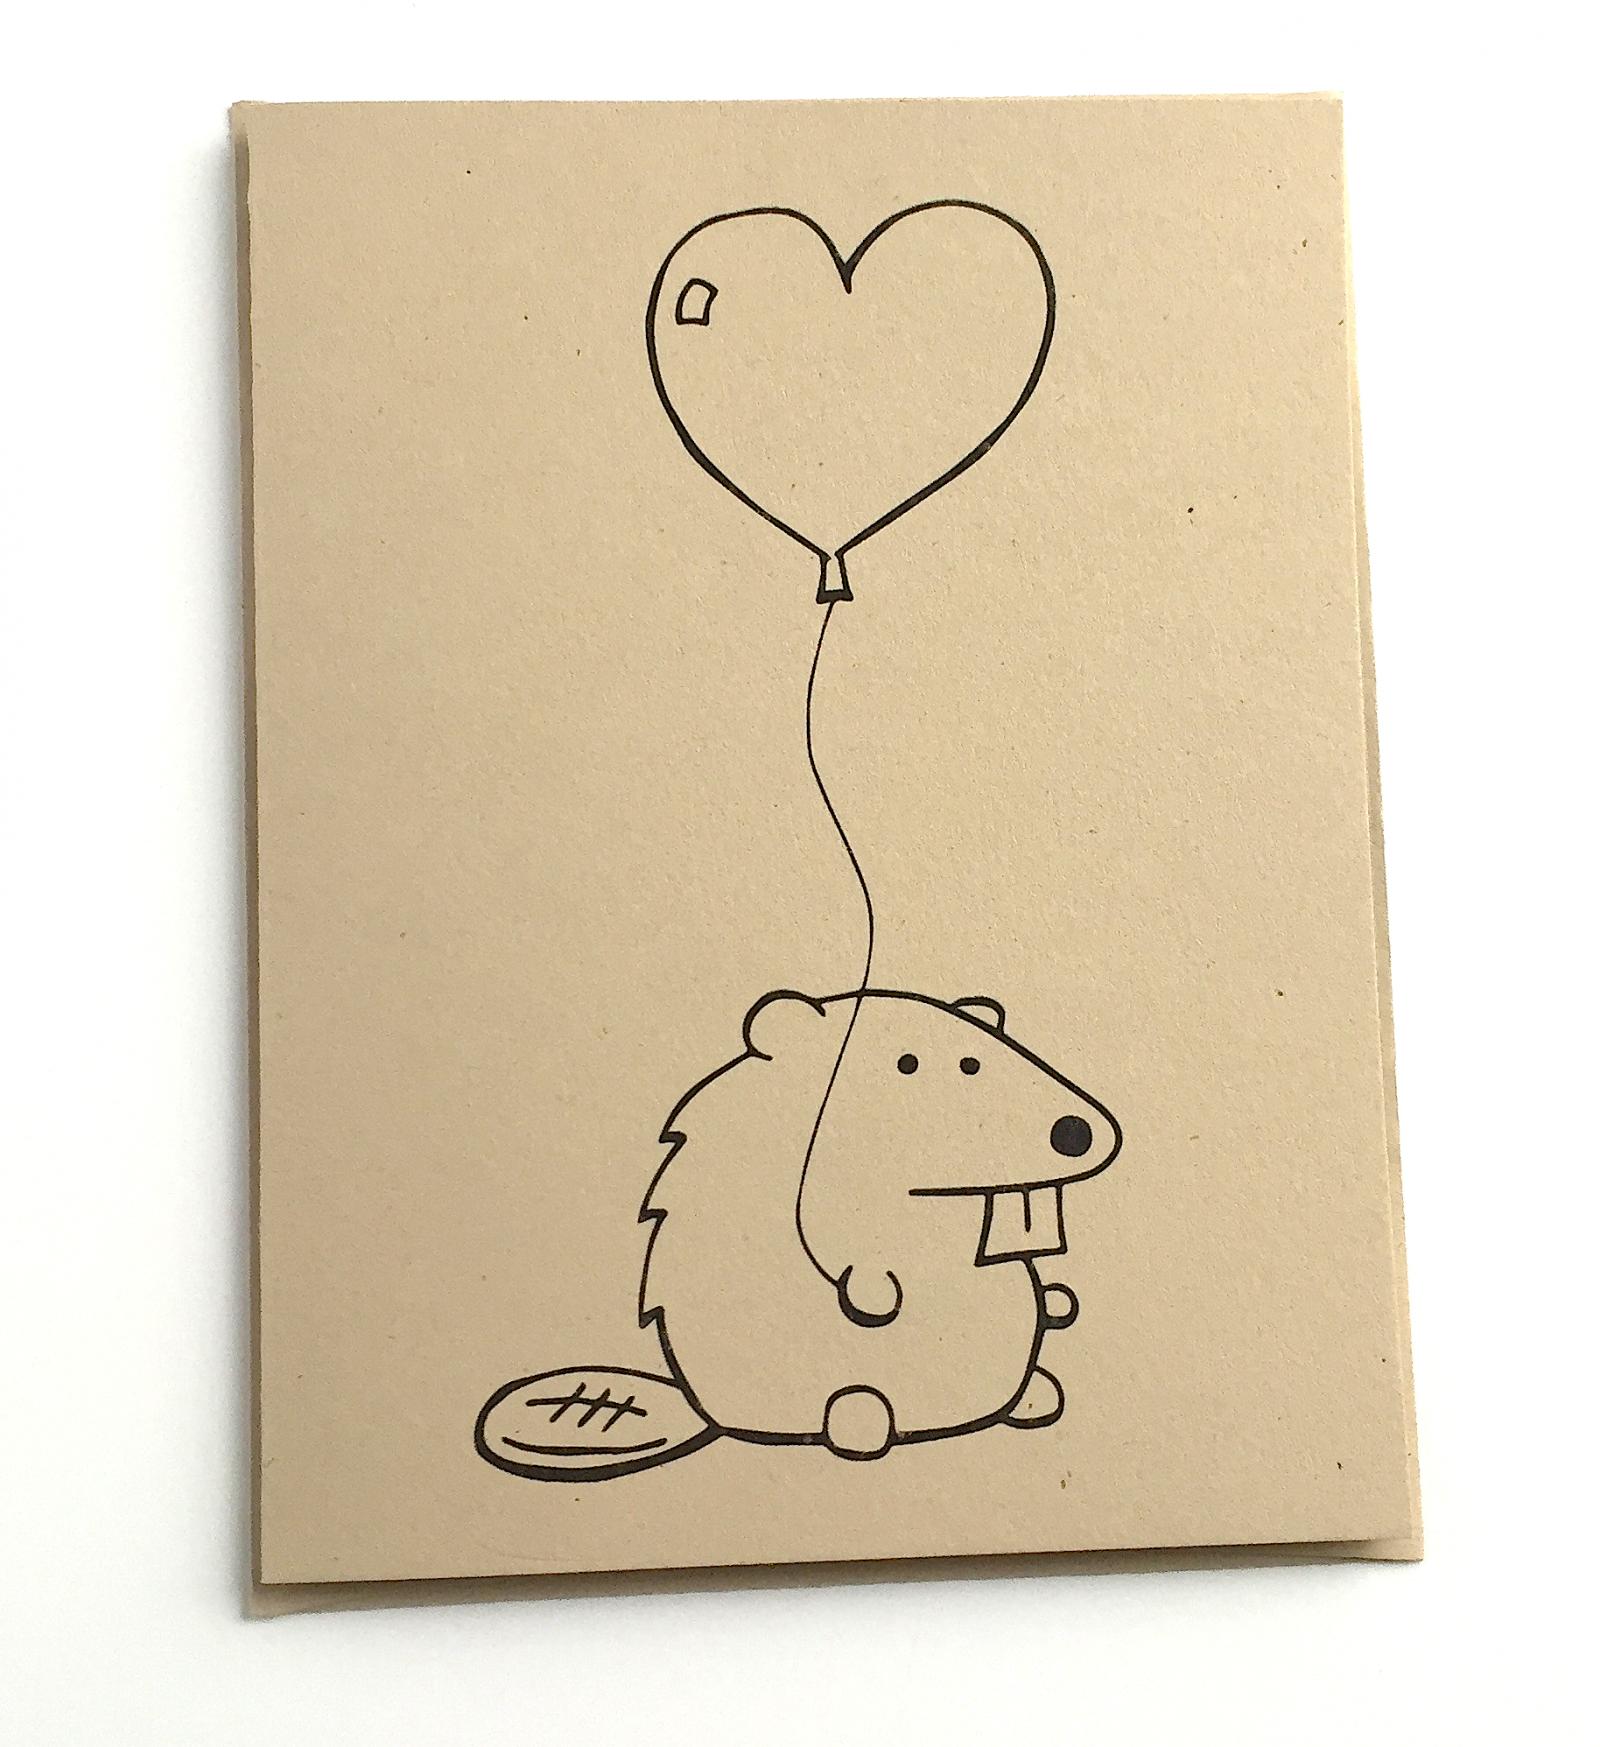 aaa8d3888cca4d Beaver Card - Beaver with Heart Balloon - Woodland Critters Beaver ...